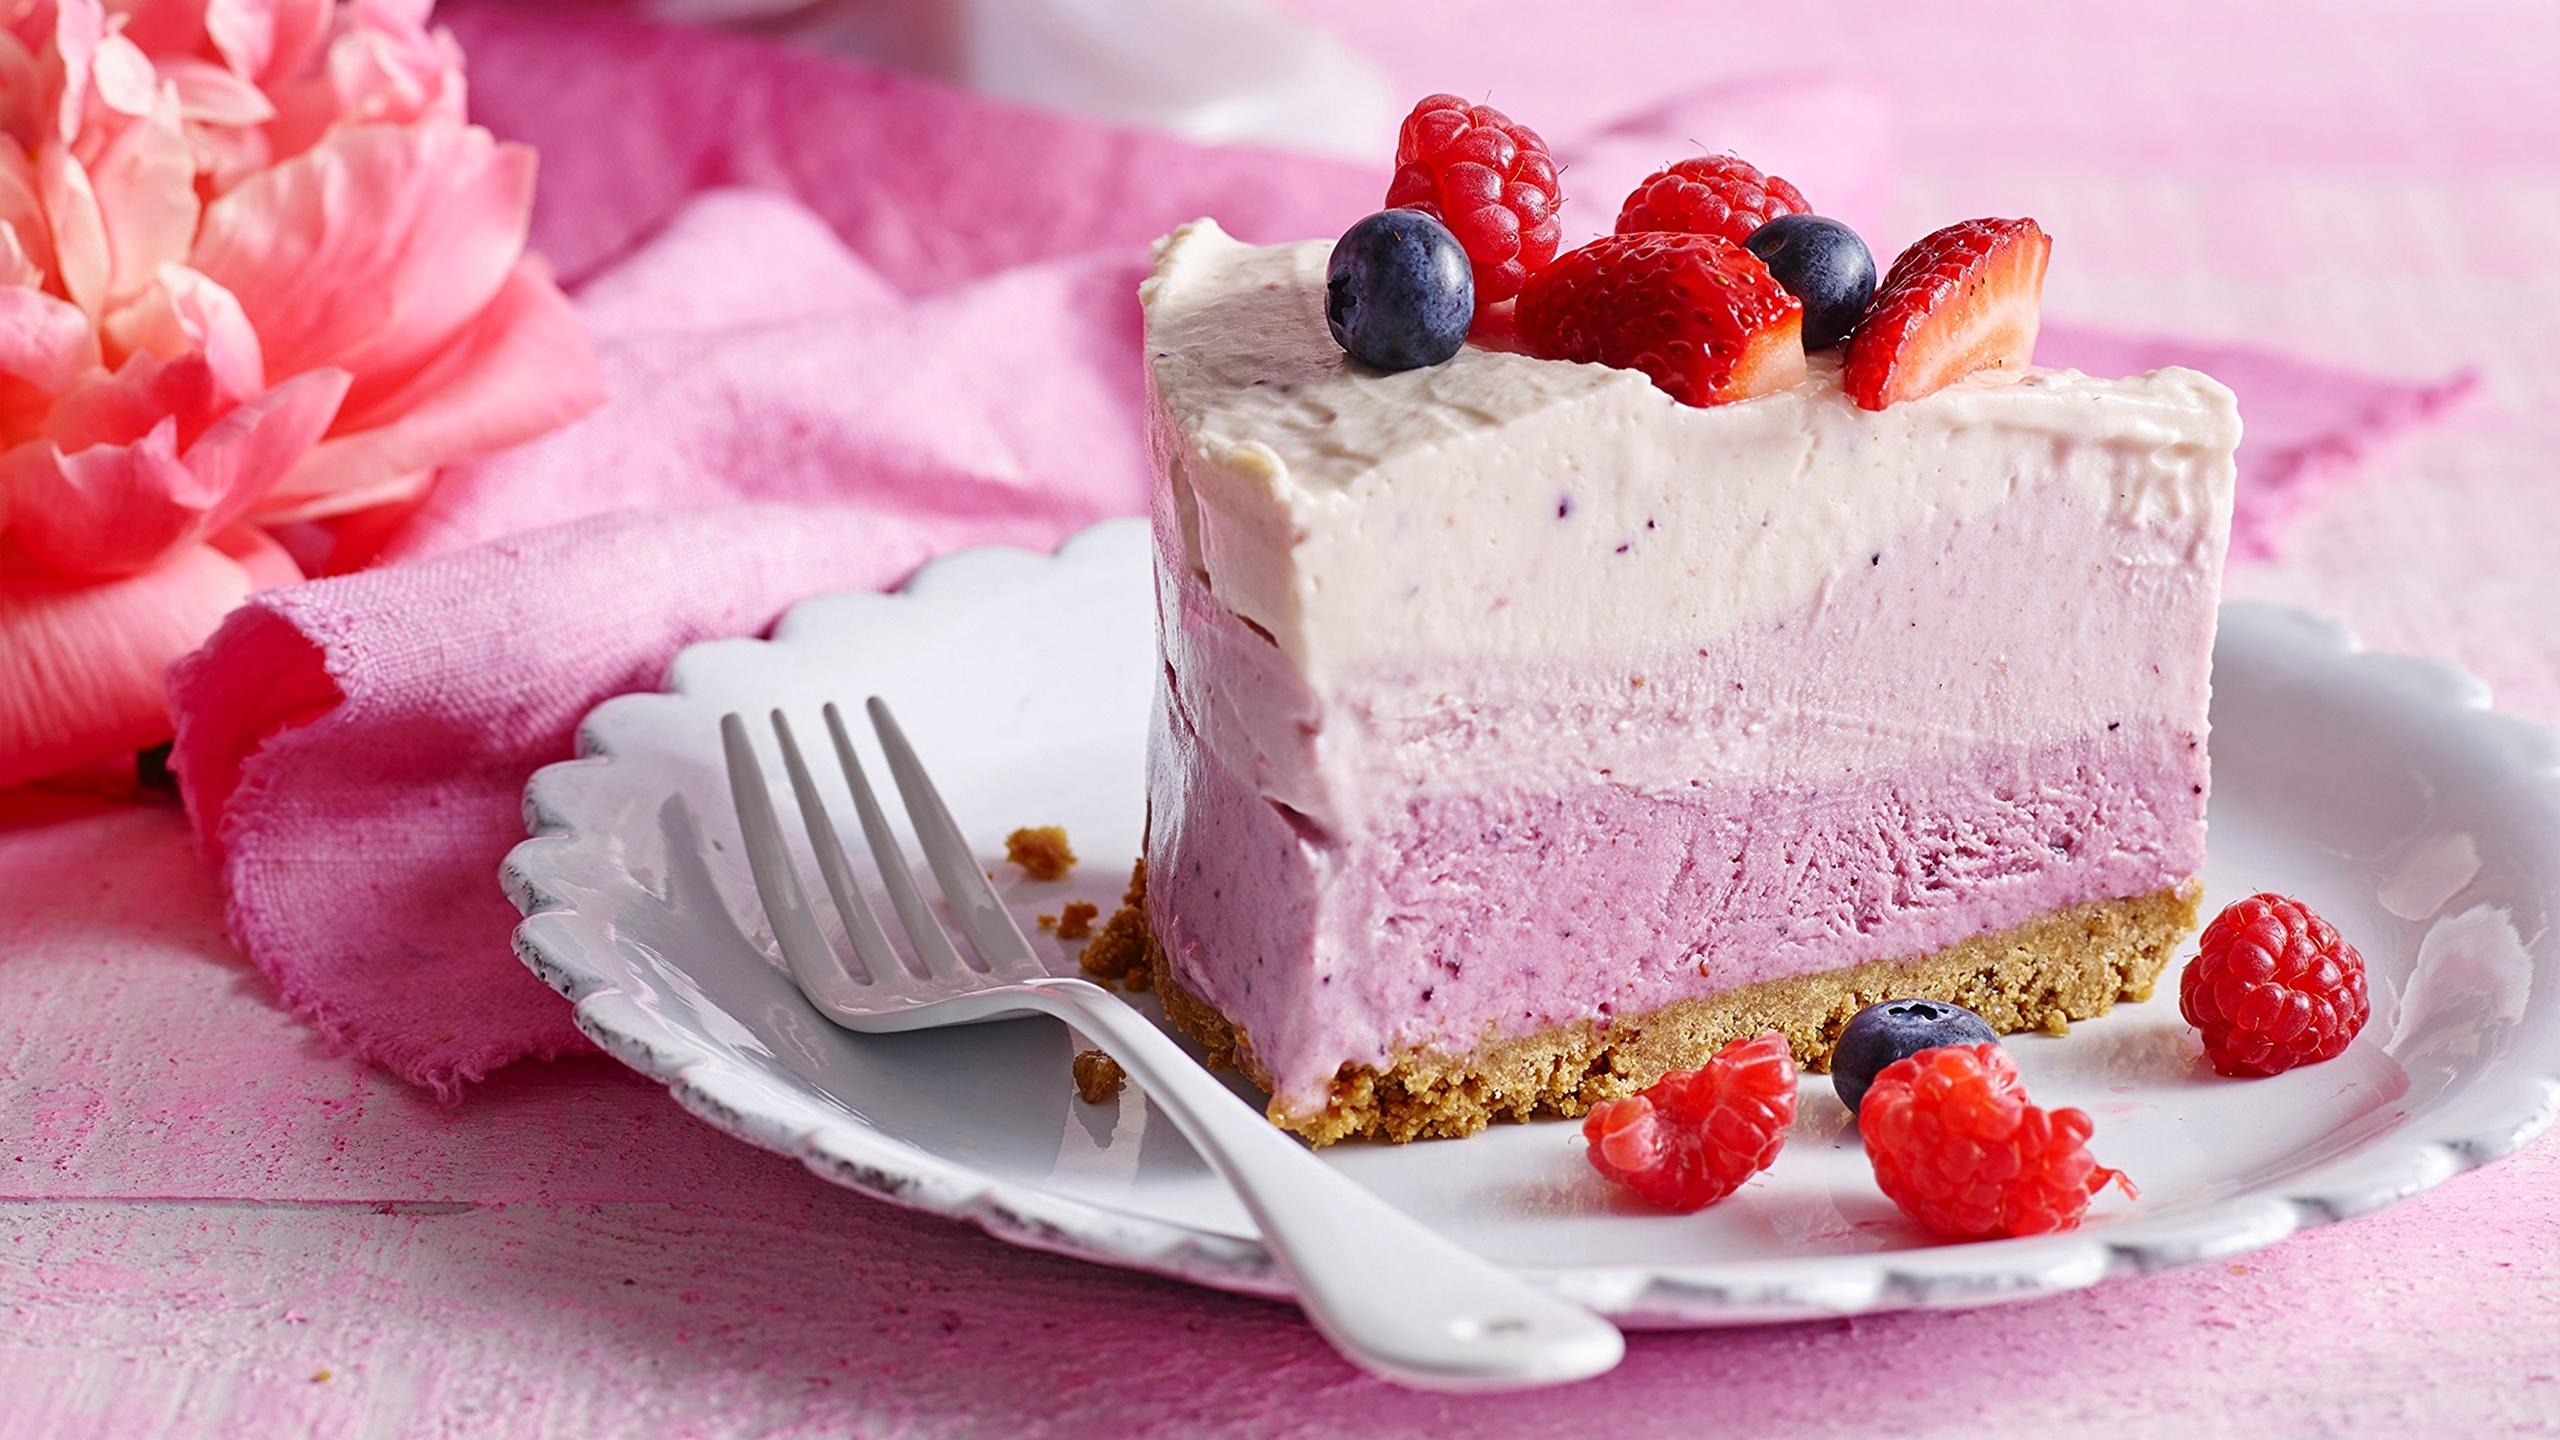 Картинки Торты Кусок Десерт Пища Вилка столовая 2560x1440 часть кусочки кусочек Еда вилки Продукты питания